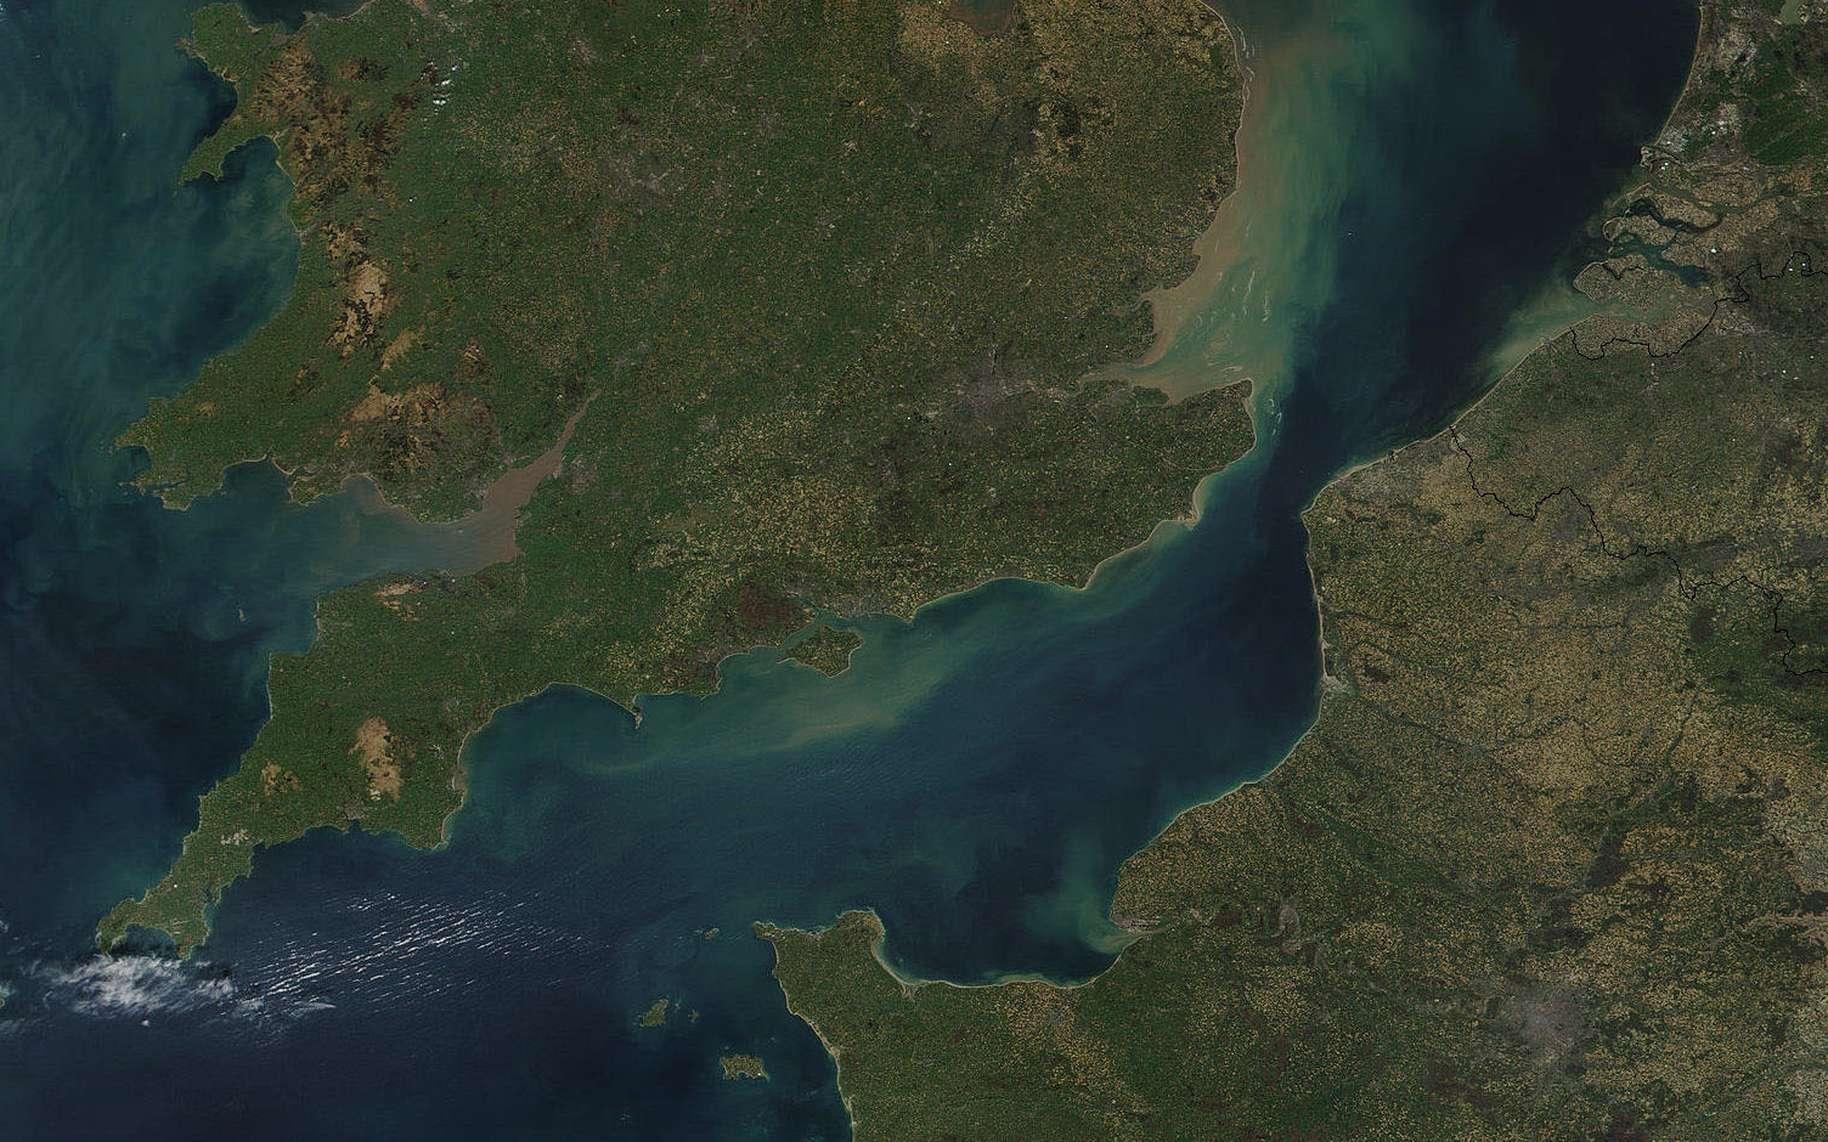 La Manche aujourd'hui, vue de l'espace. © Nasa